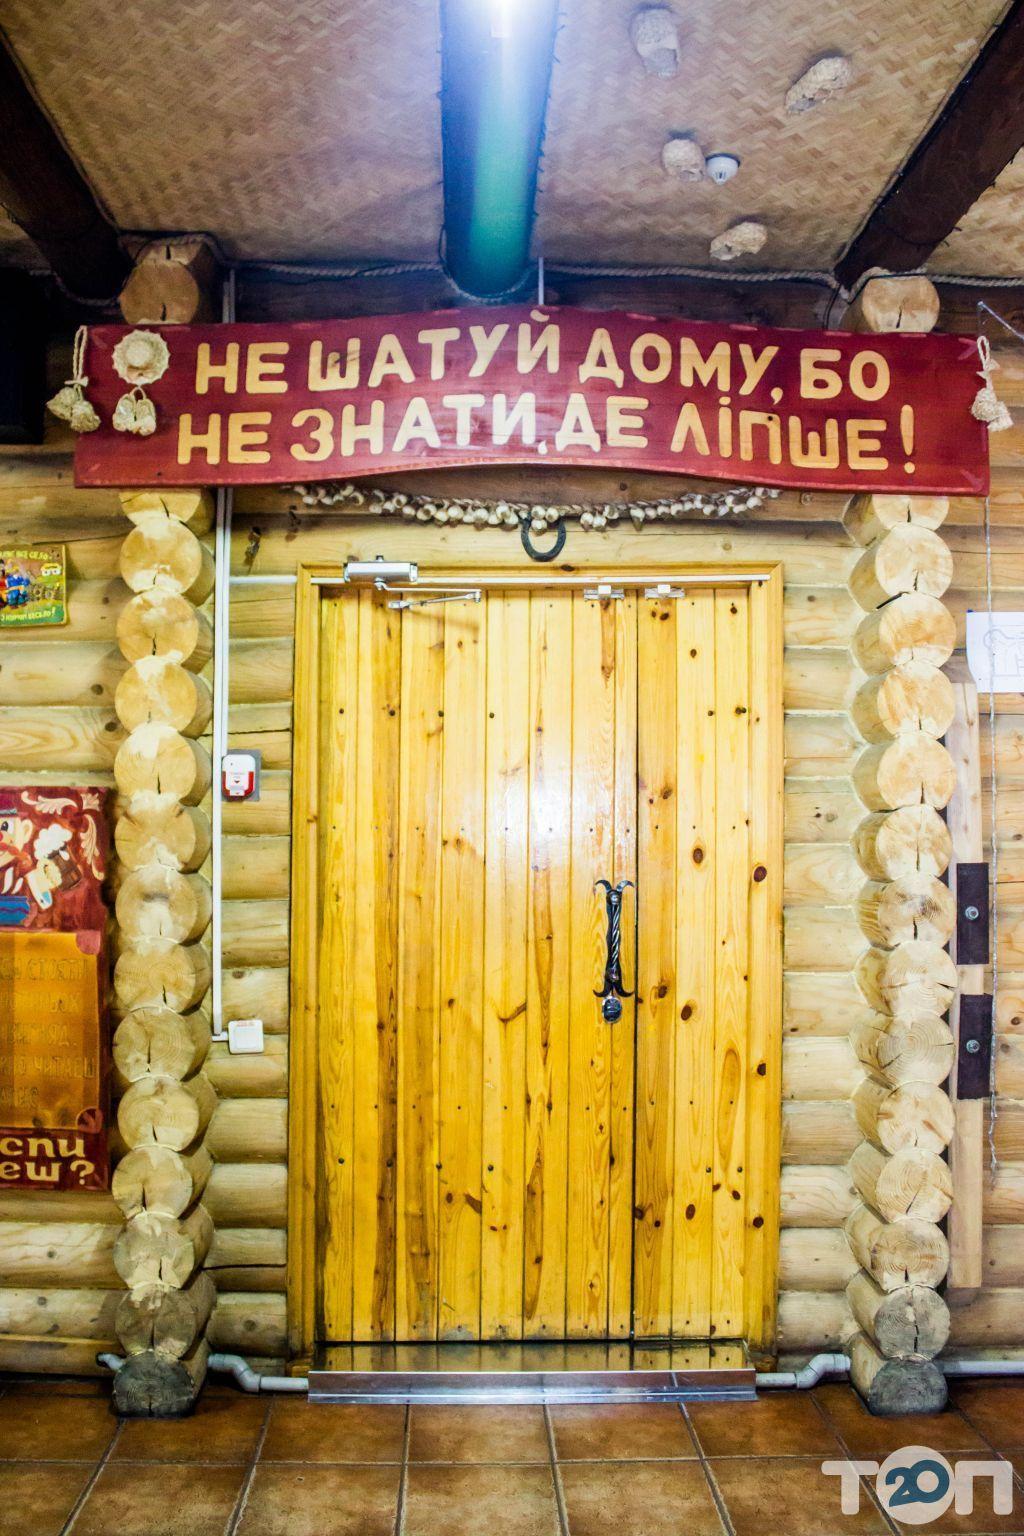 Солоха, ресторан української кухні - фото 32